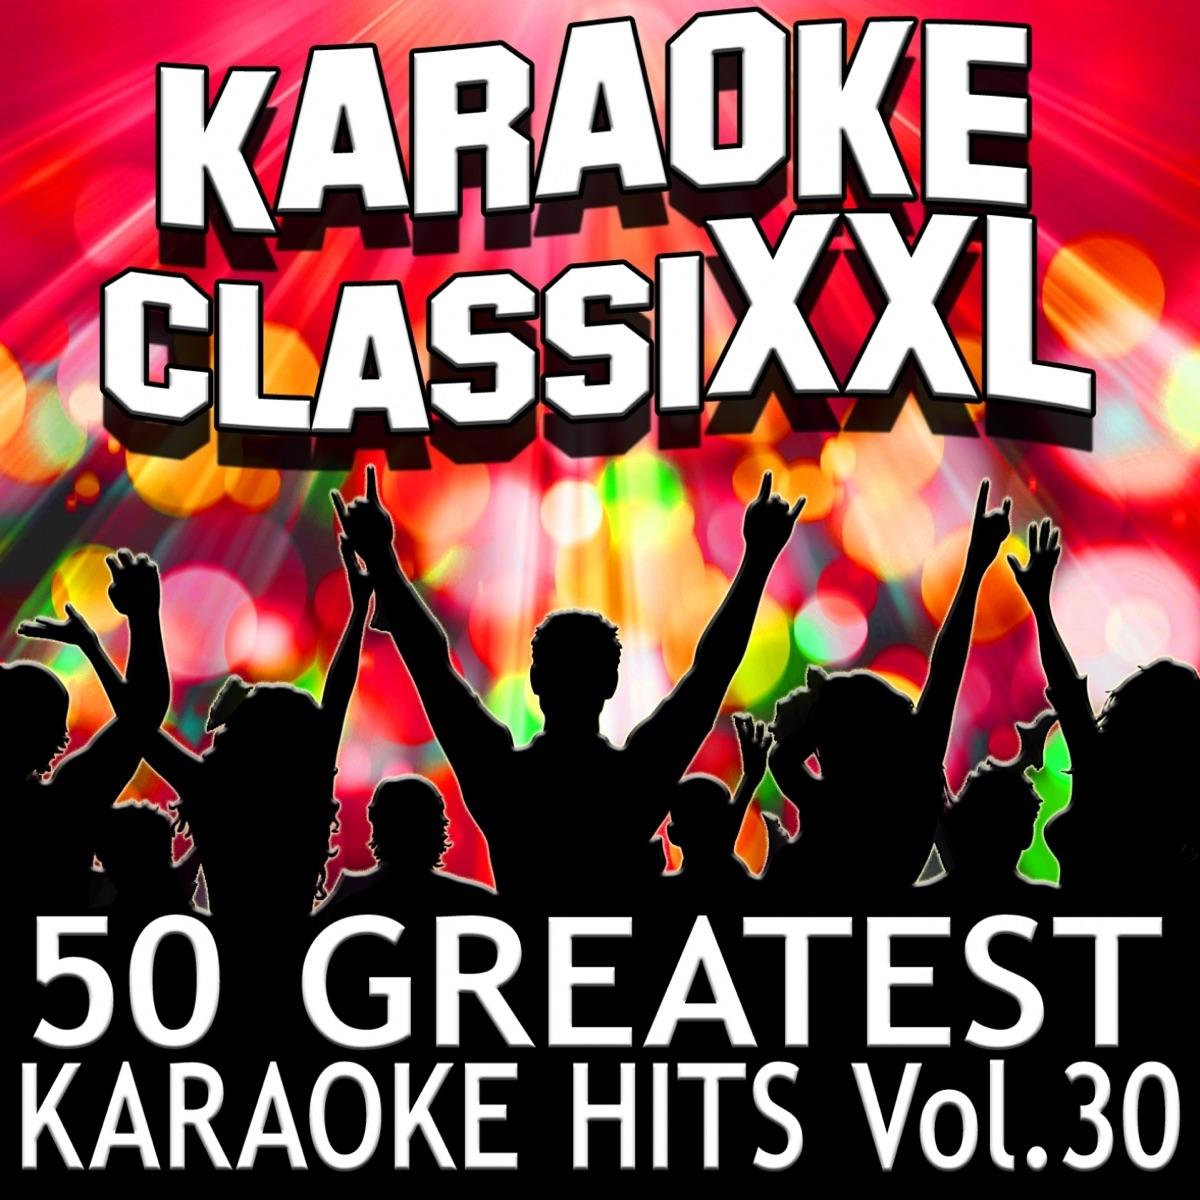 50 Greatest Karaoke Hits Vol 30 Karaoke Version Dohn Joe CD cover